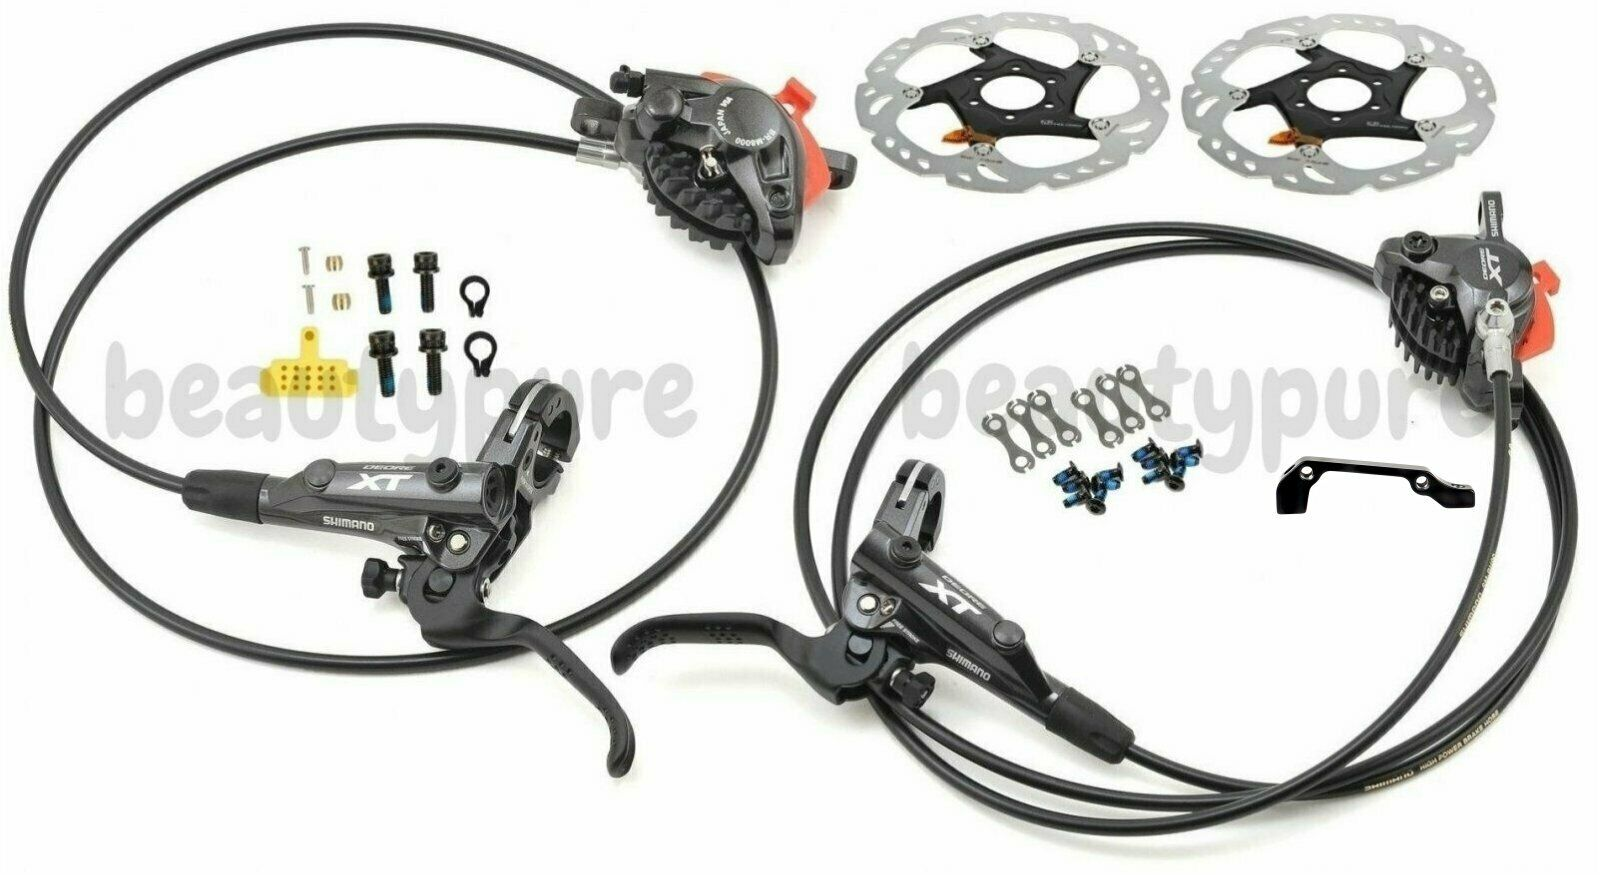 Shimano XT M8000 Scheibenbremse Set 1000 1700mm W RT86 Rotoren 160mm